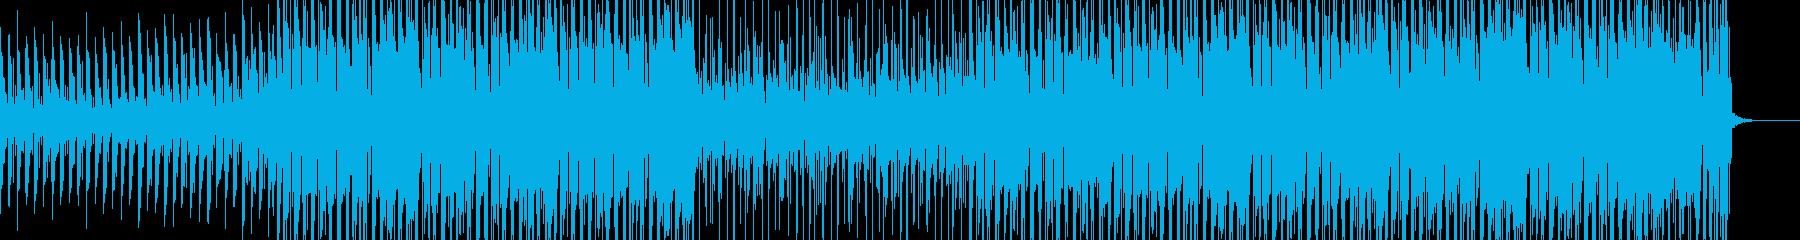 夏の海が似合うラテン調トロピカルハウスの再生済みの波形